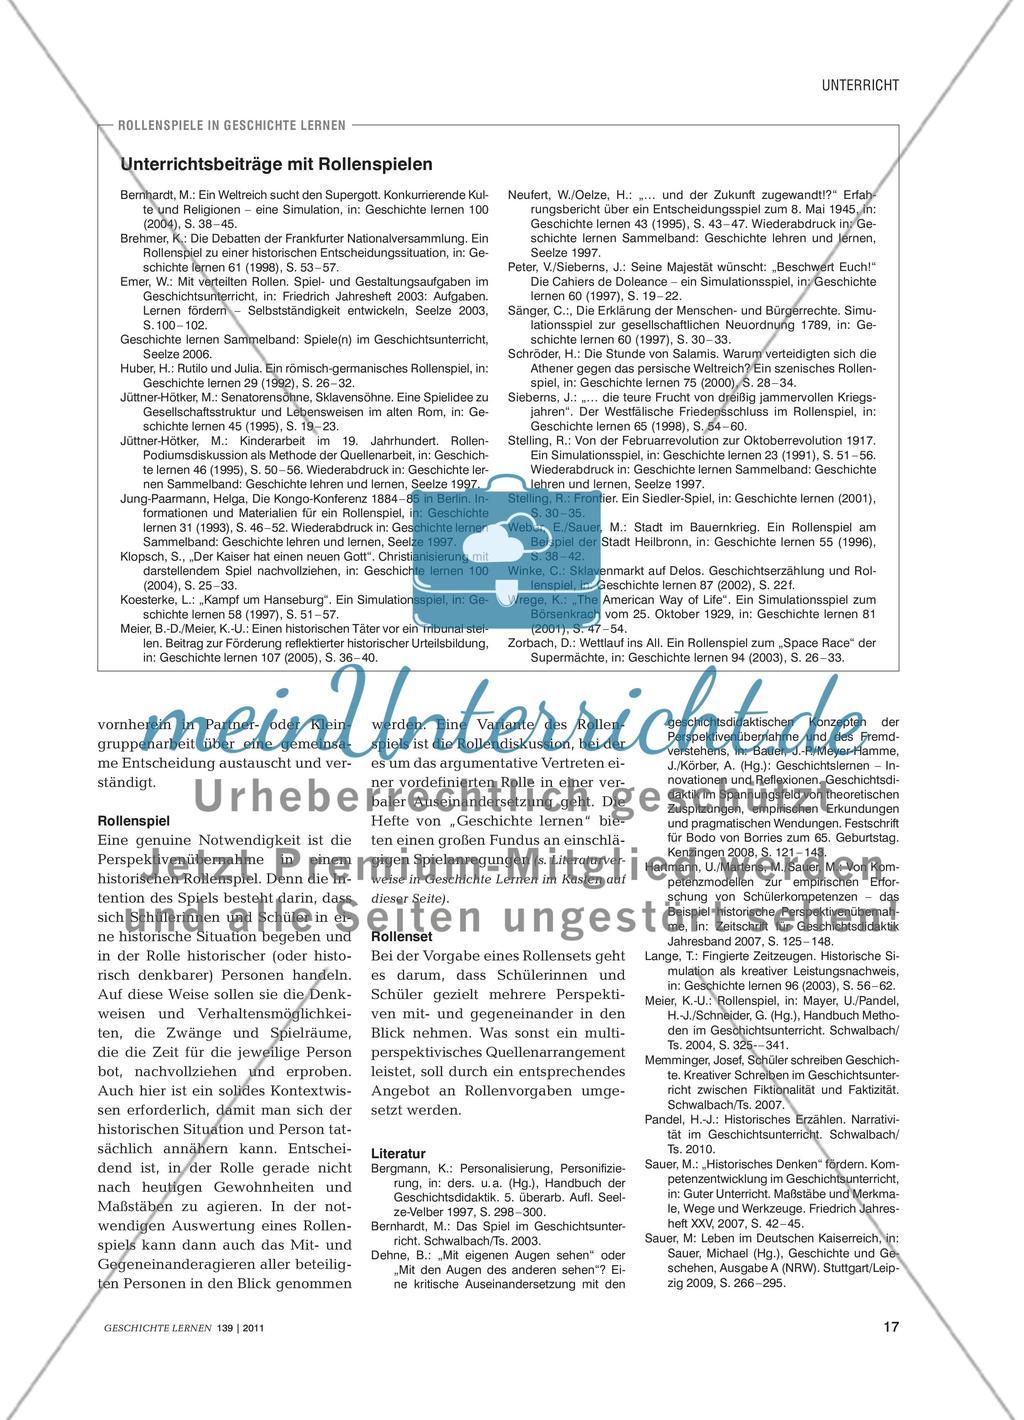 Historische Perspektivenübernahme - Methodische Anregungen ...